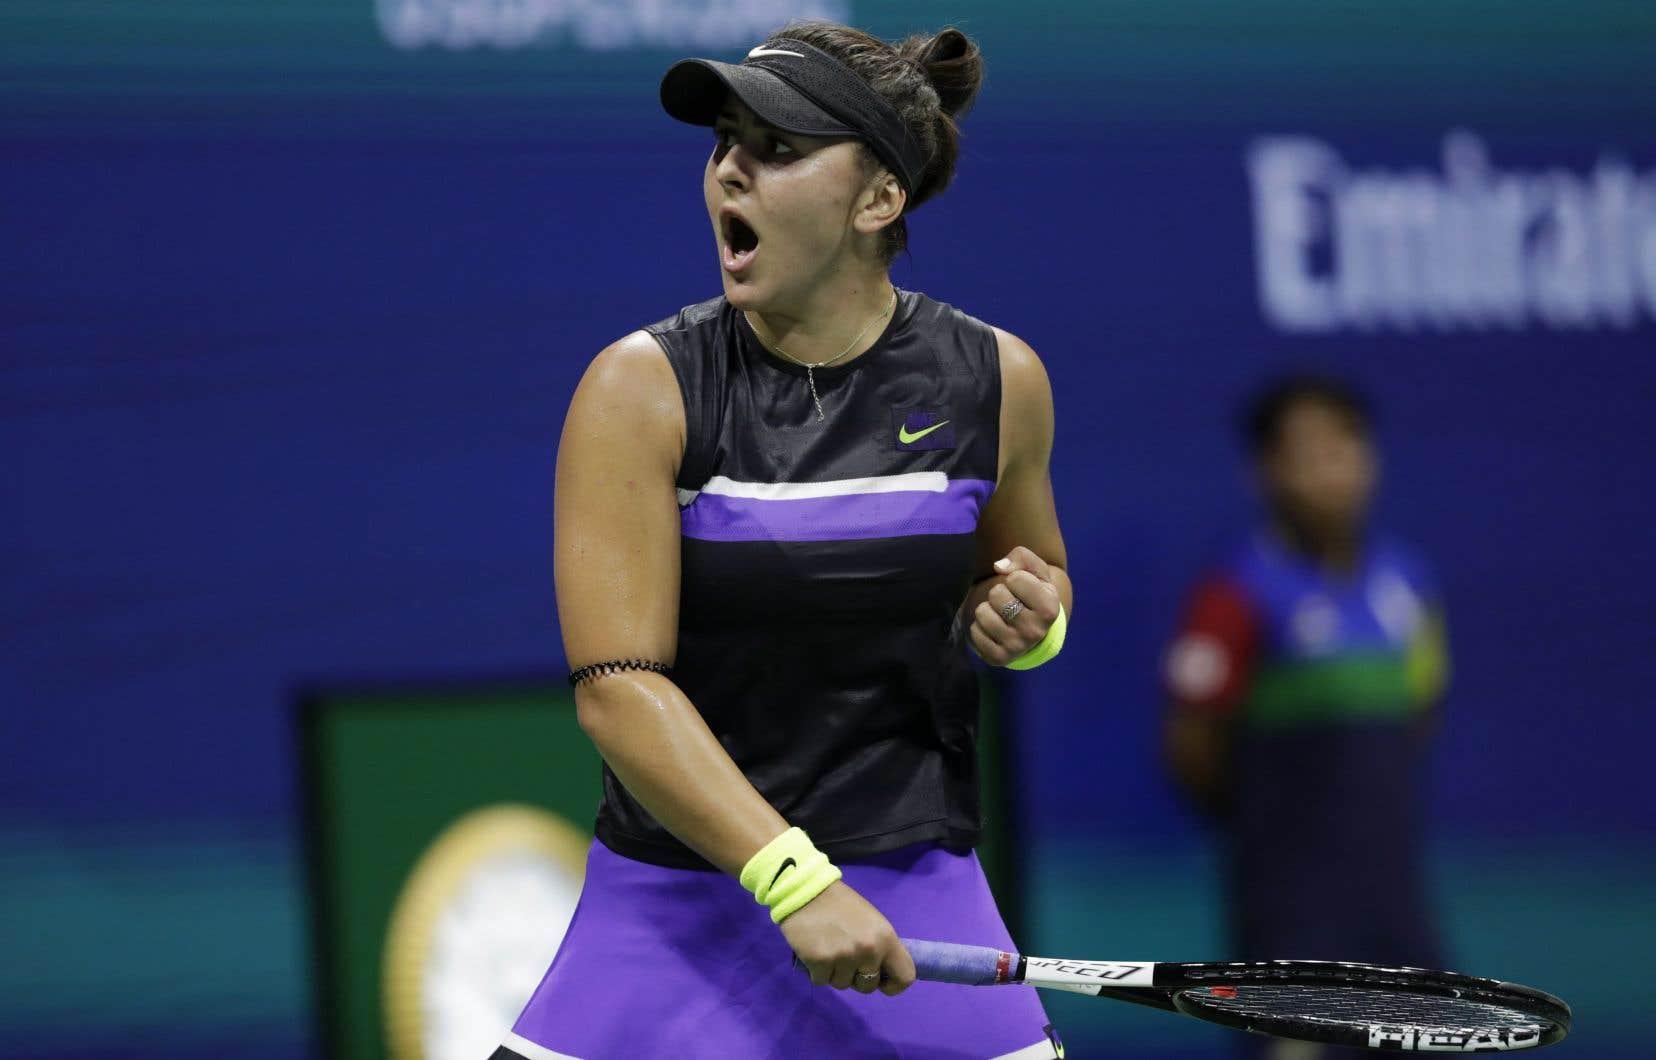 À à peine 19 ans, Bianca Andreescu accède à sa première finale de l'Us Open.